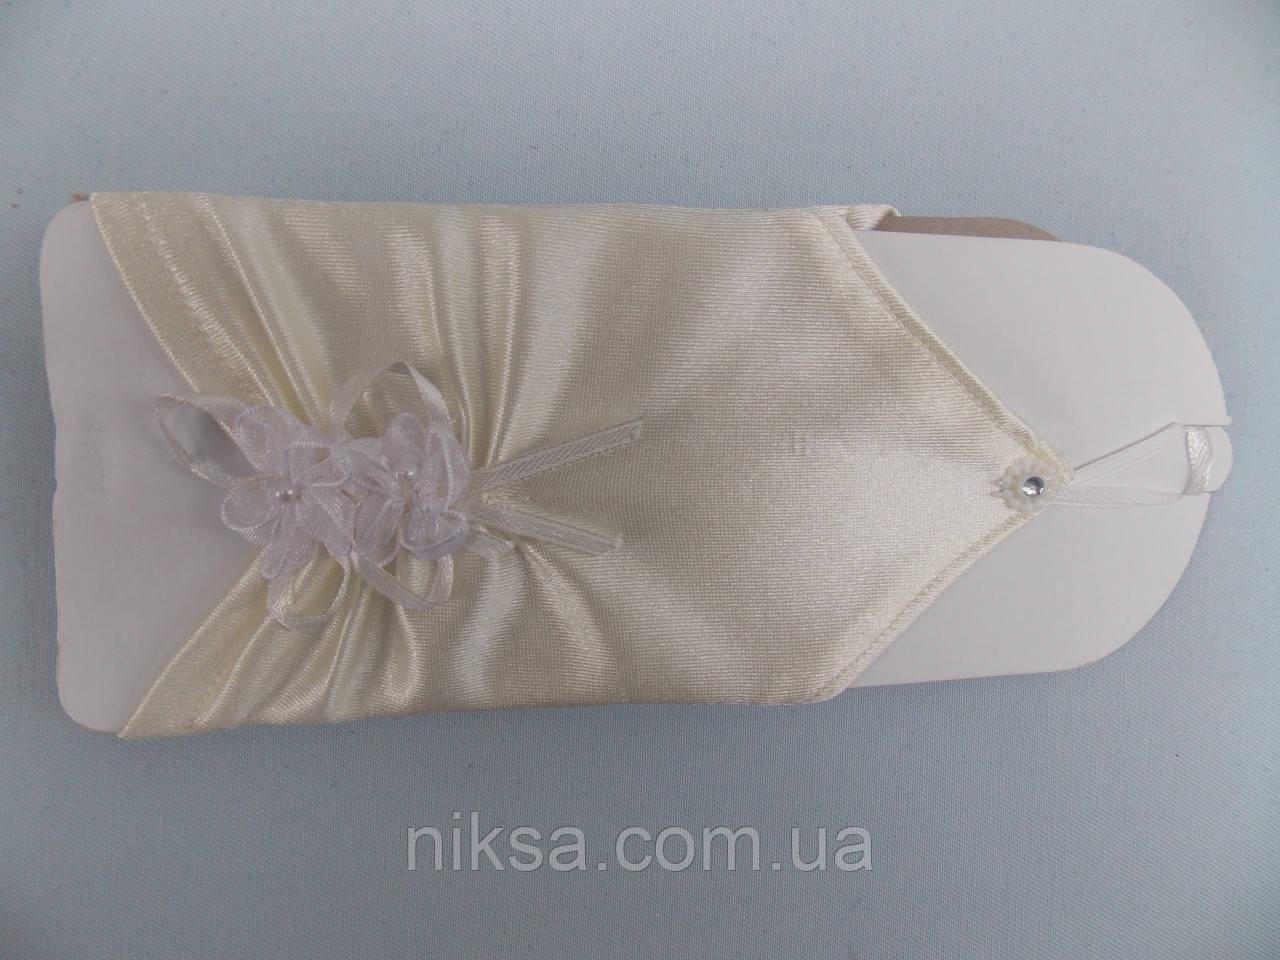 Перчатки атласные короткие без пальцев свадебные молочные